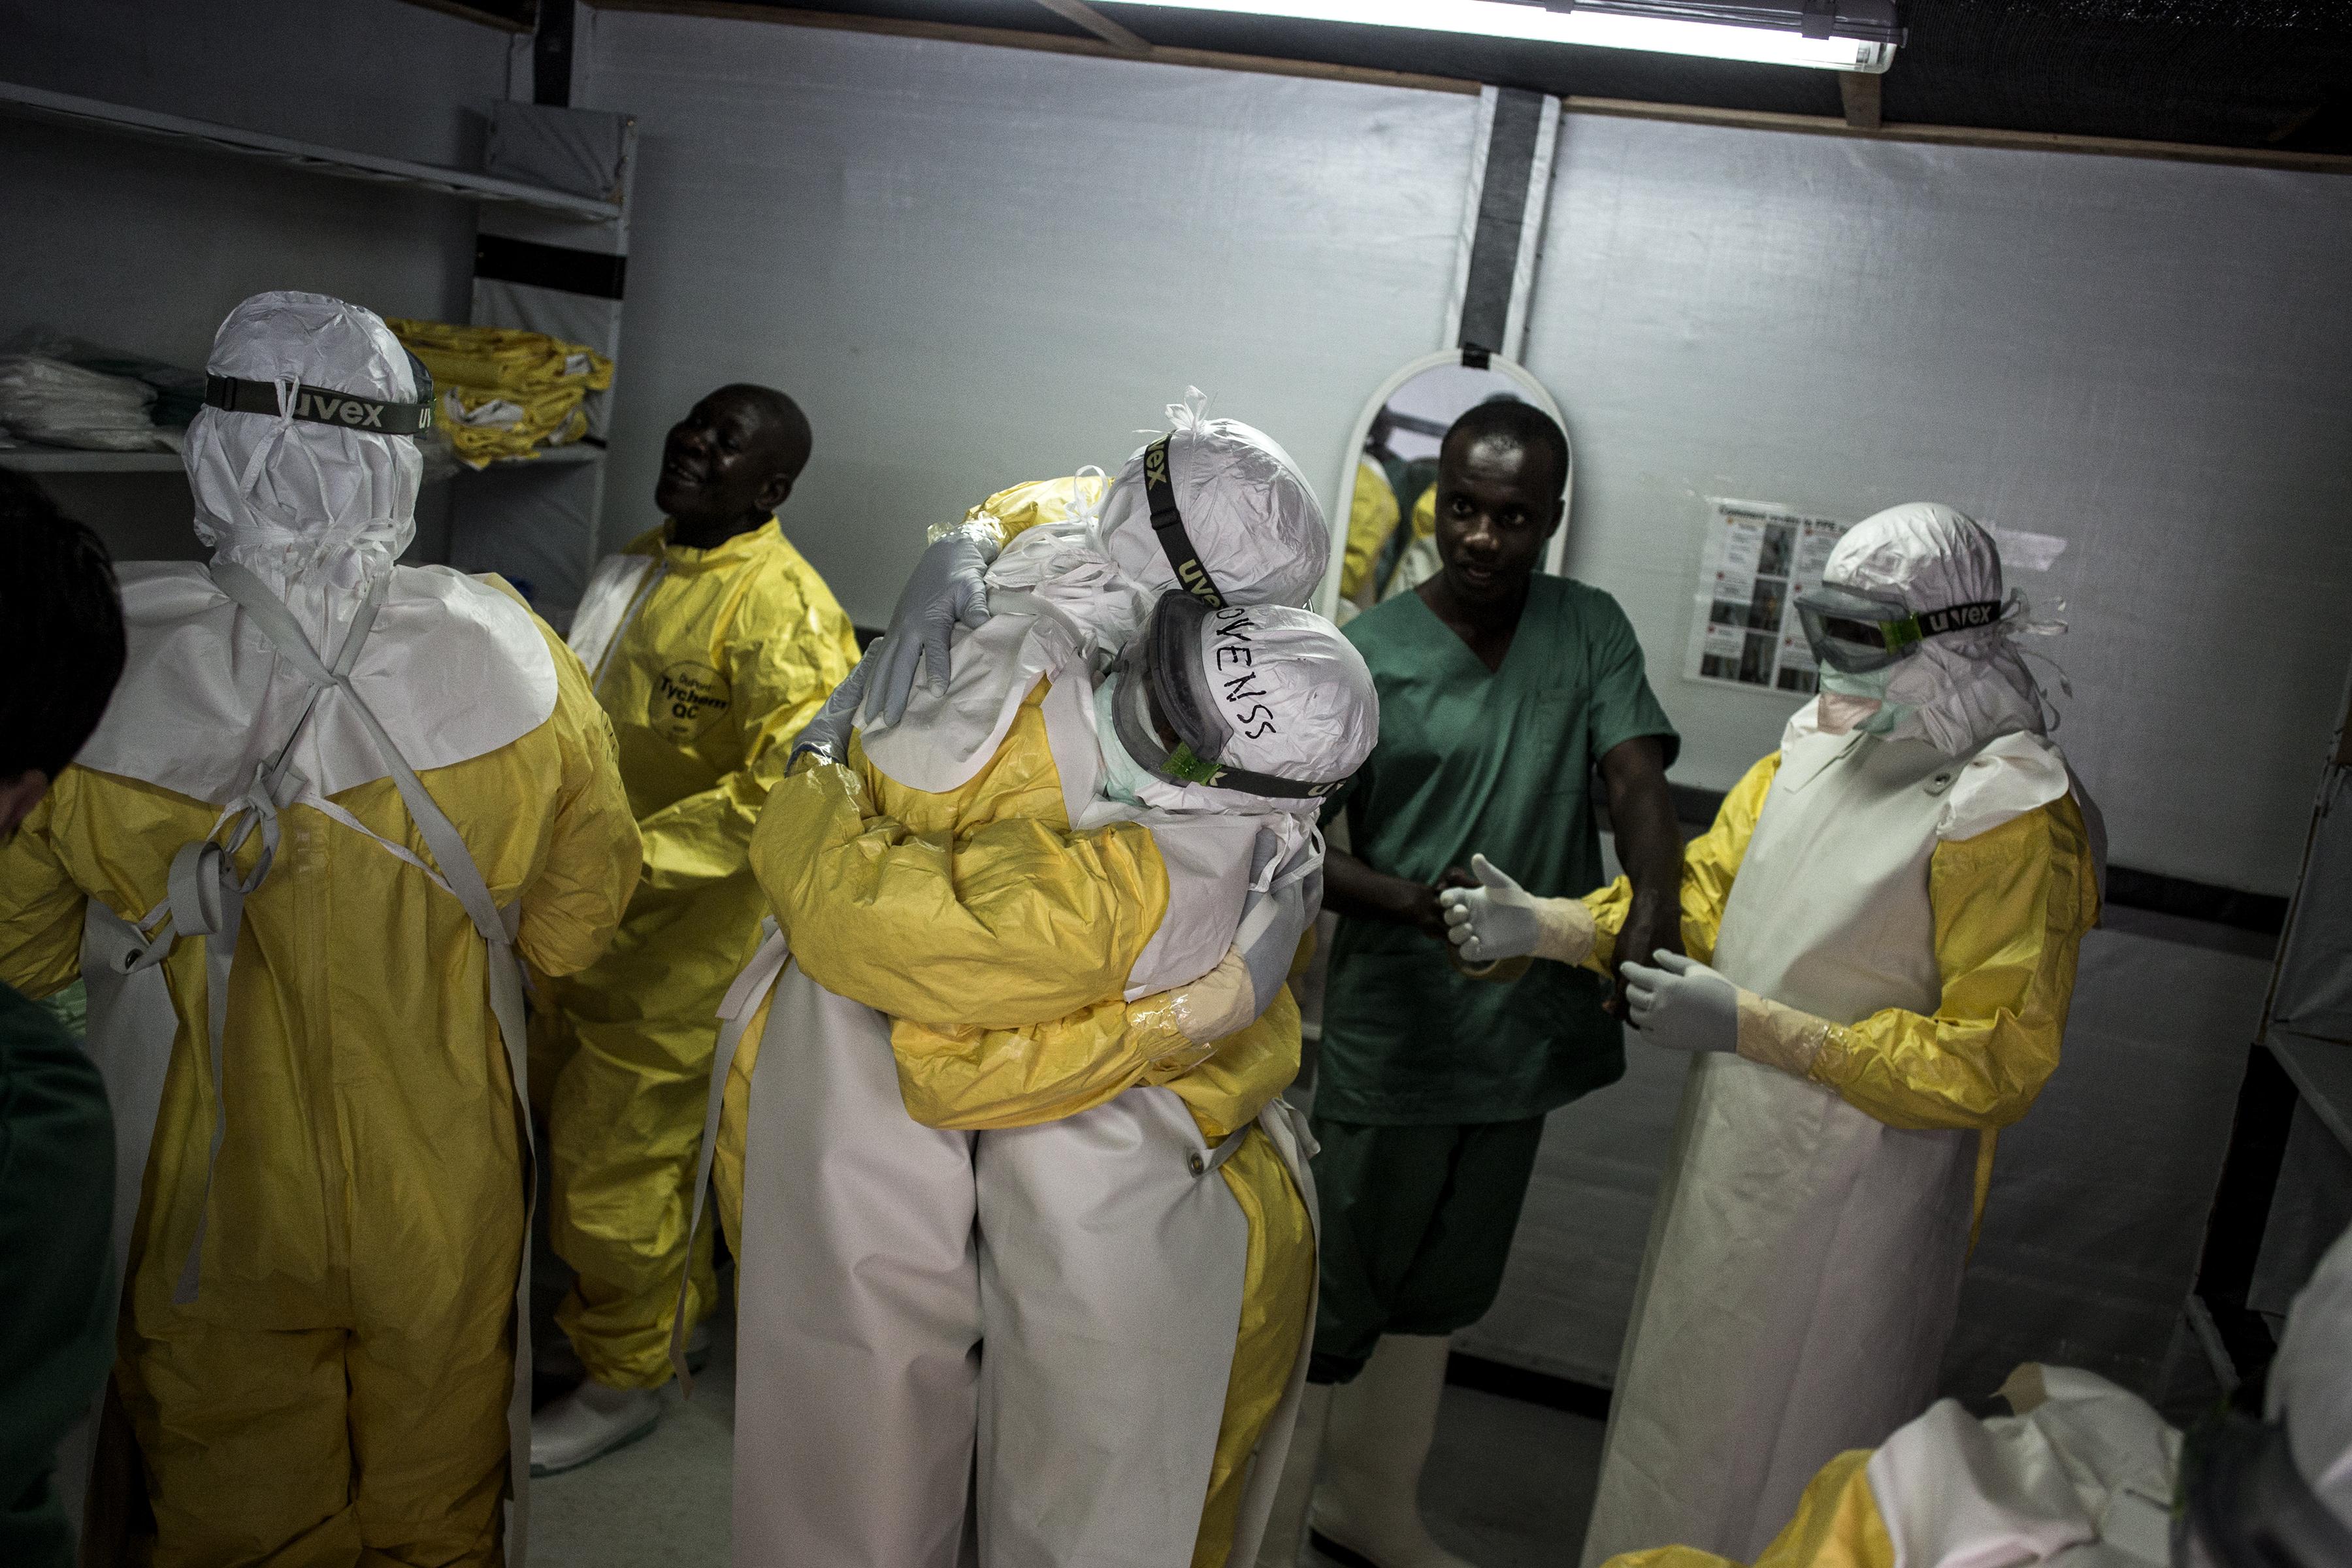 Les travailleurs de la santé dans leur équipement de protection personnel se prennent dans les bras avant de se rendre dans la zone rouge du centre de traitement Ebola géré par MSF à Bunia. C'est la 10e épidémie d'Ebola en RDC. Avec plus de 300 cas confirmés et près de 200 morts, elle est devenue la plus grave jamais connue par le pays. © John Wessels, 7 novembre 2018